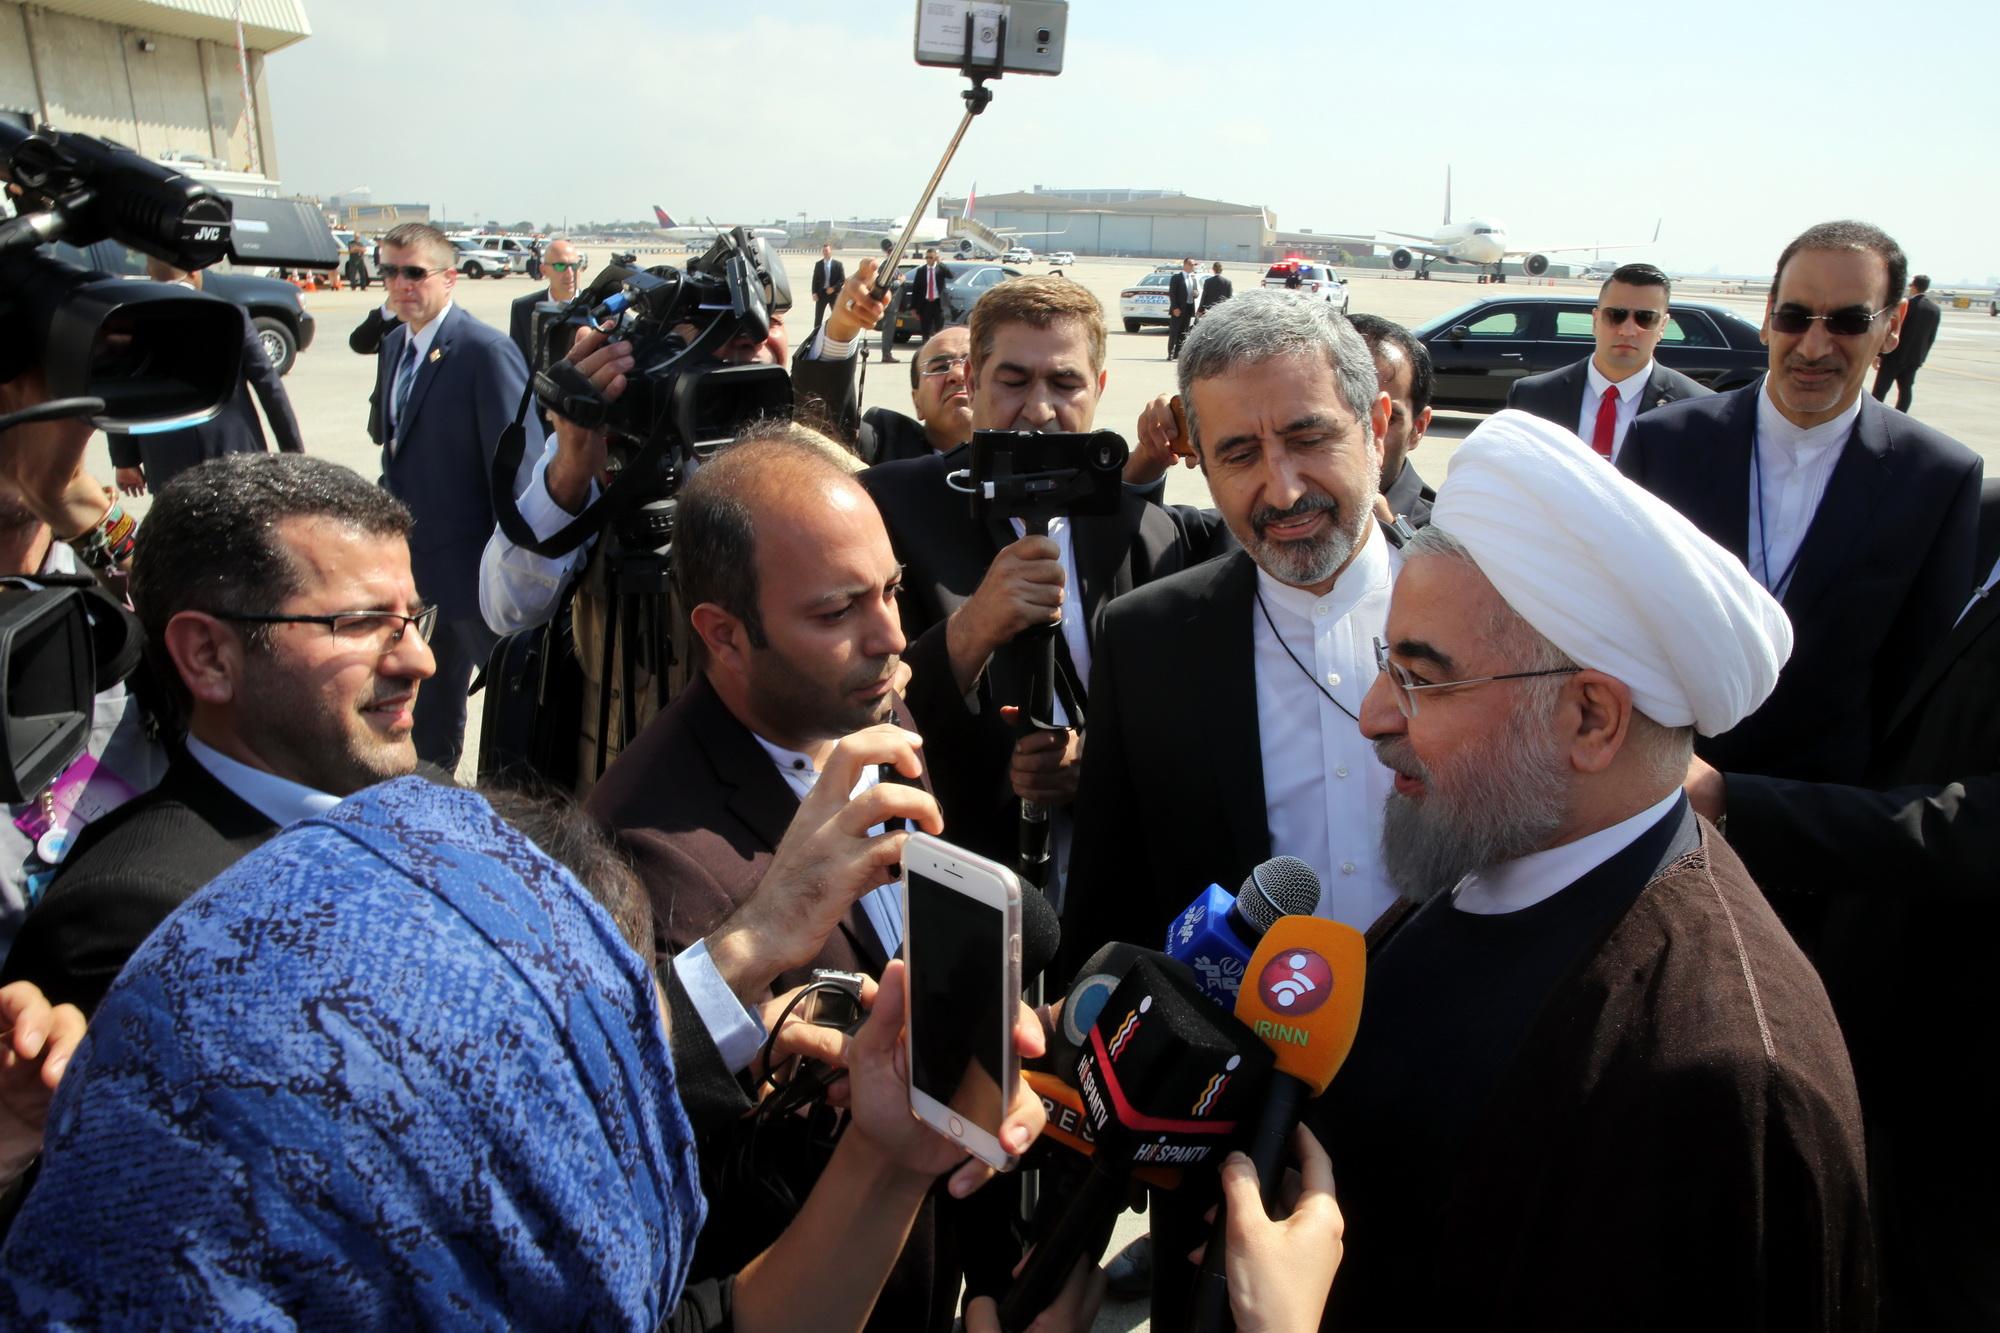 استراتژی ما تعامل گسترده با جهان است / یکی از اهداف این سفر رساندن صدای ملت بزرگ ایران به گوش جهانیان است / شاهد شرایط دشواری در ارتباط با مظلومان میانمار هستیم